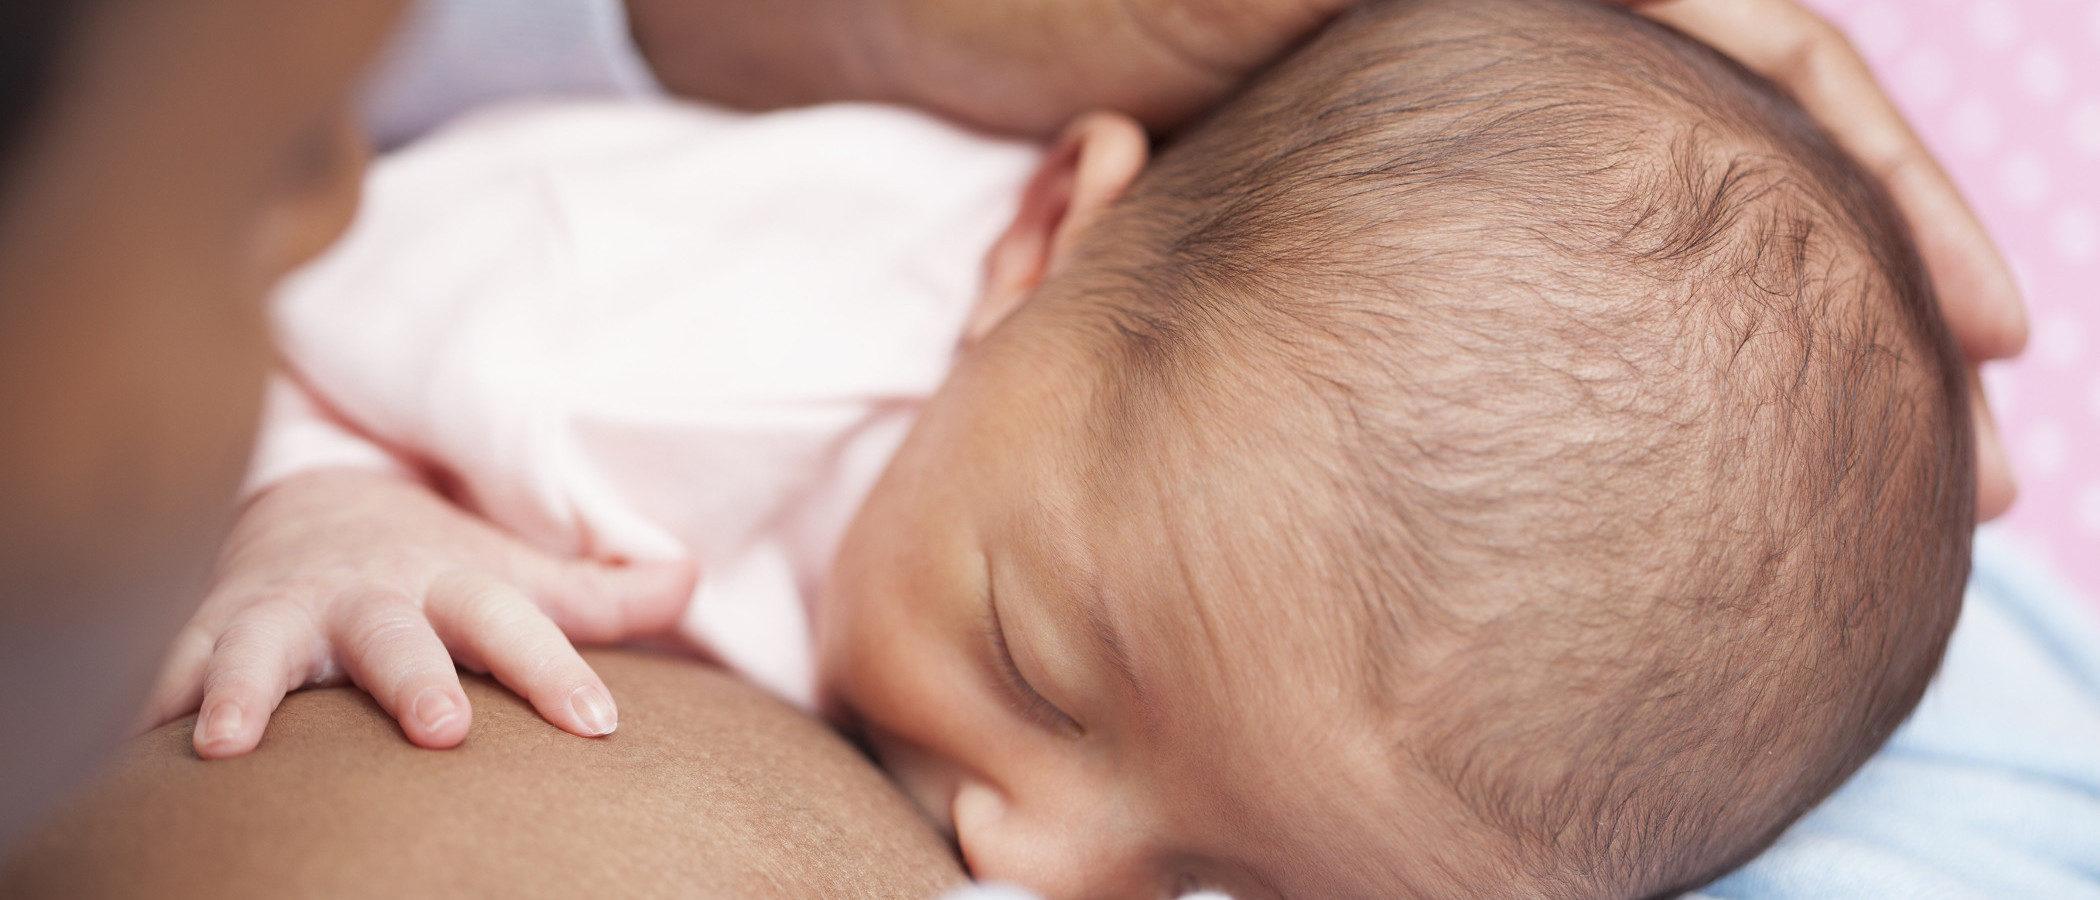 Problemas durante la lactancia